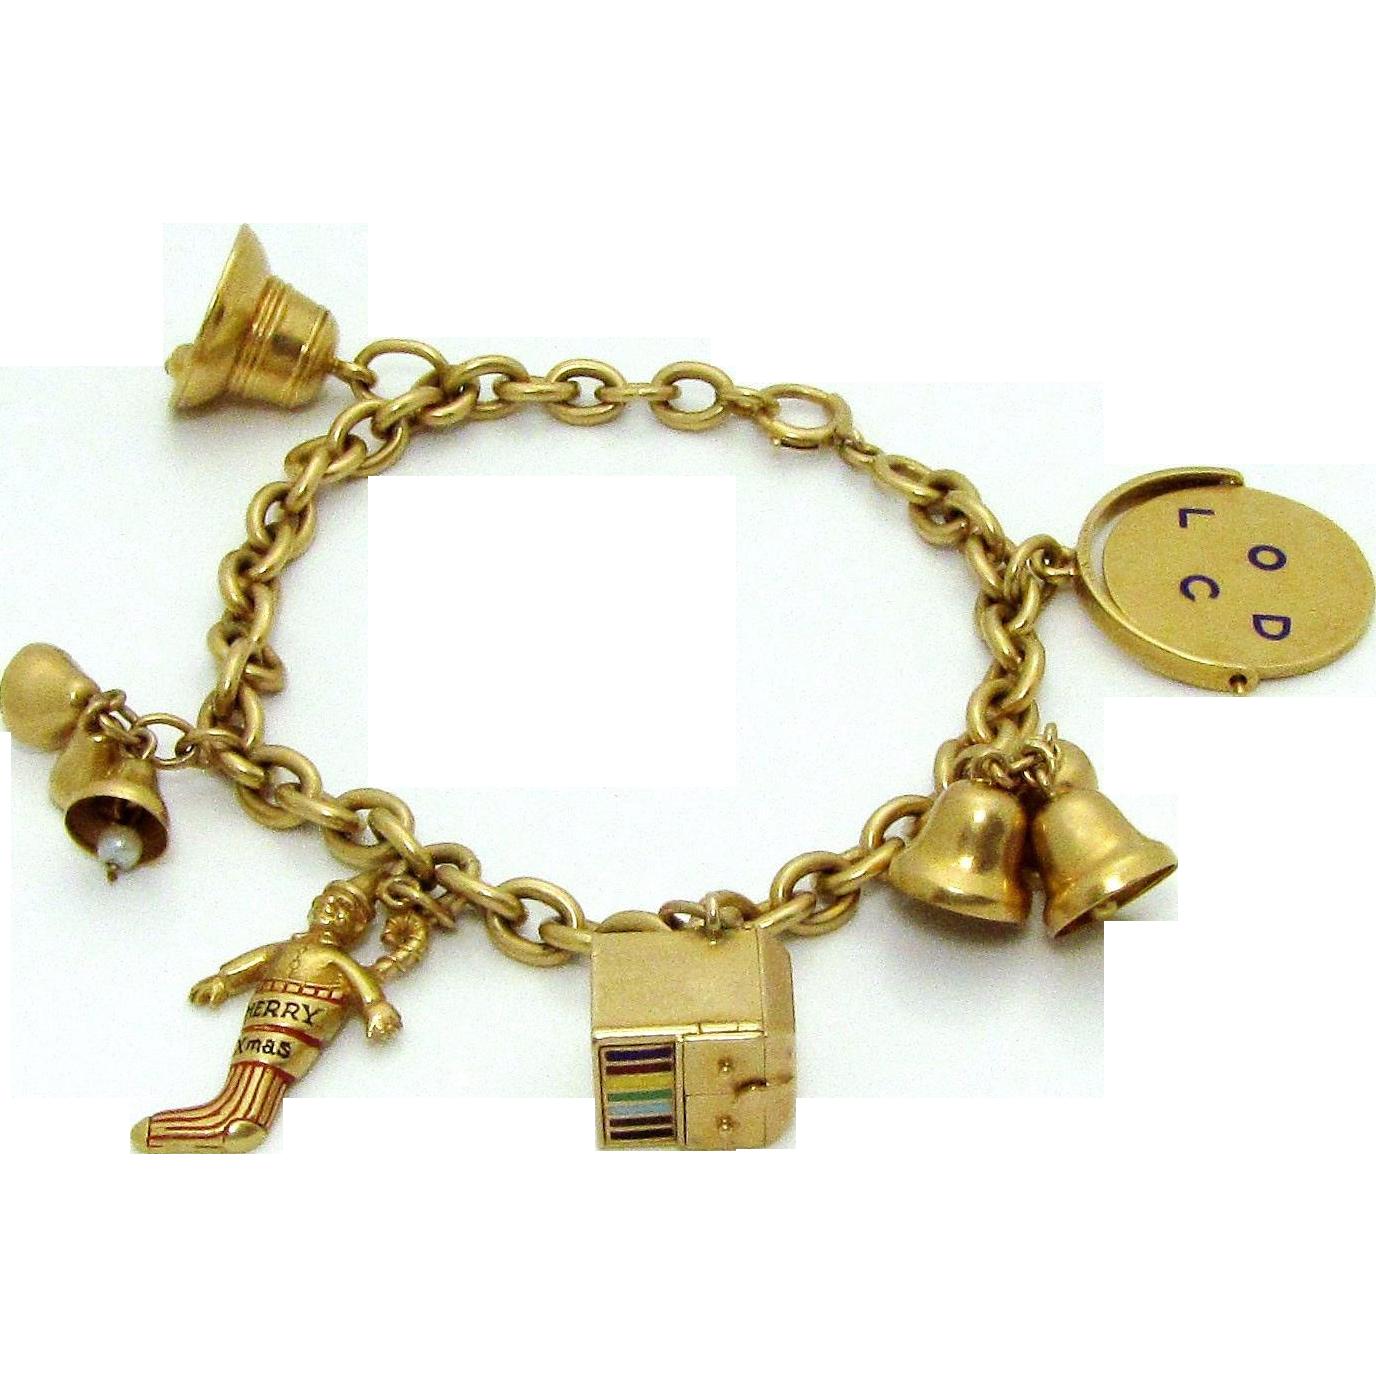 Rare Vintage Tiffany Co 14k Gold Charm Bracelet 1930s 35 9 Grams